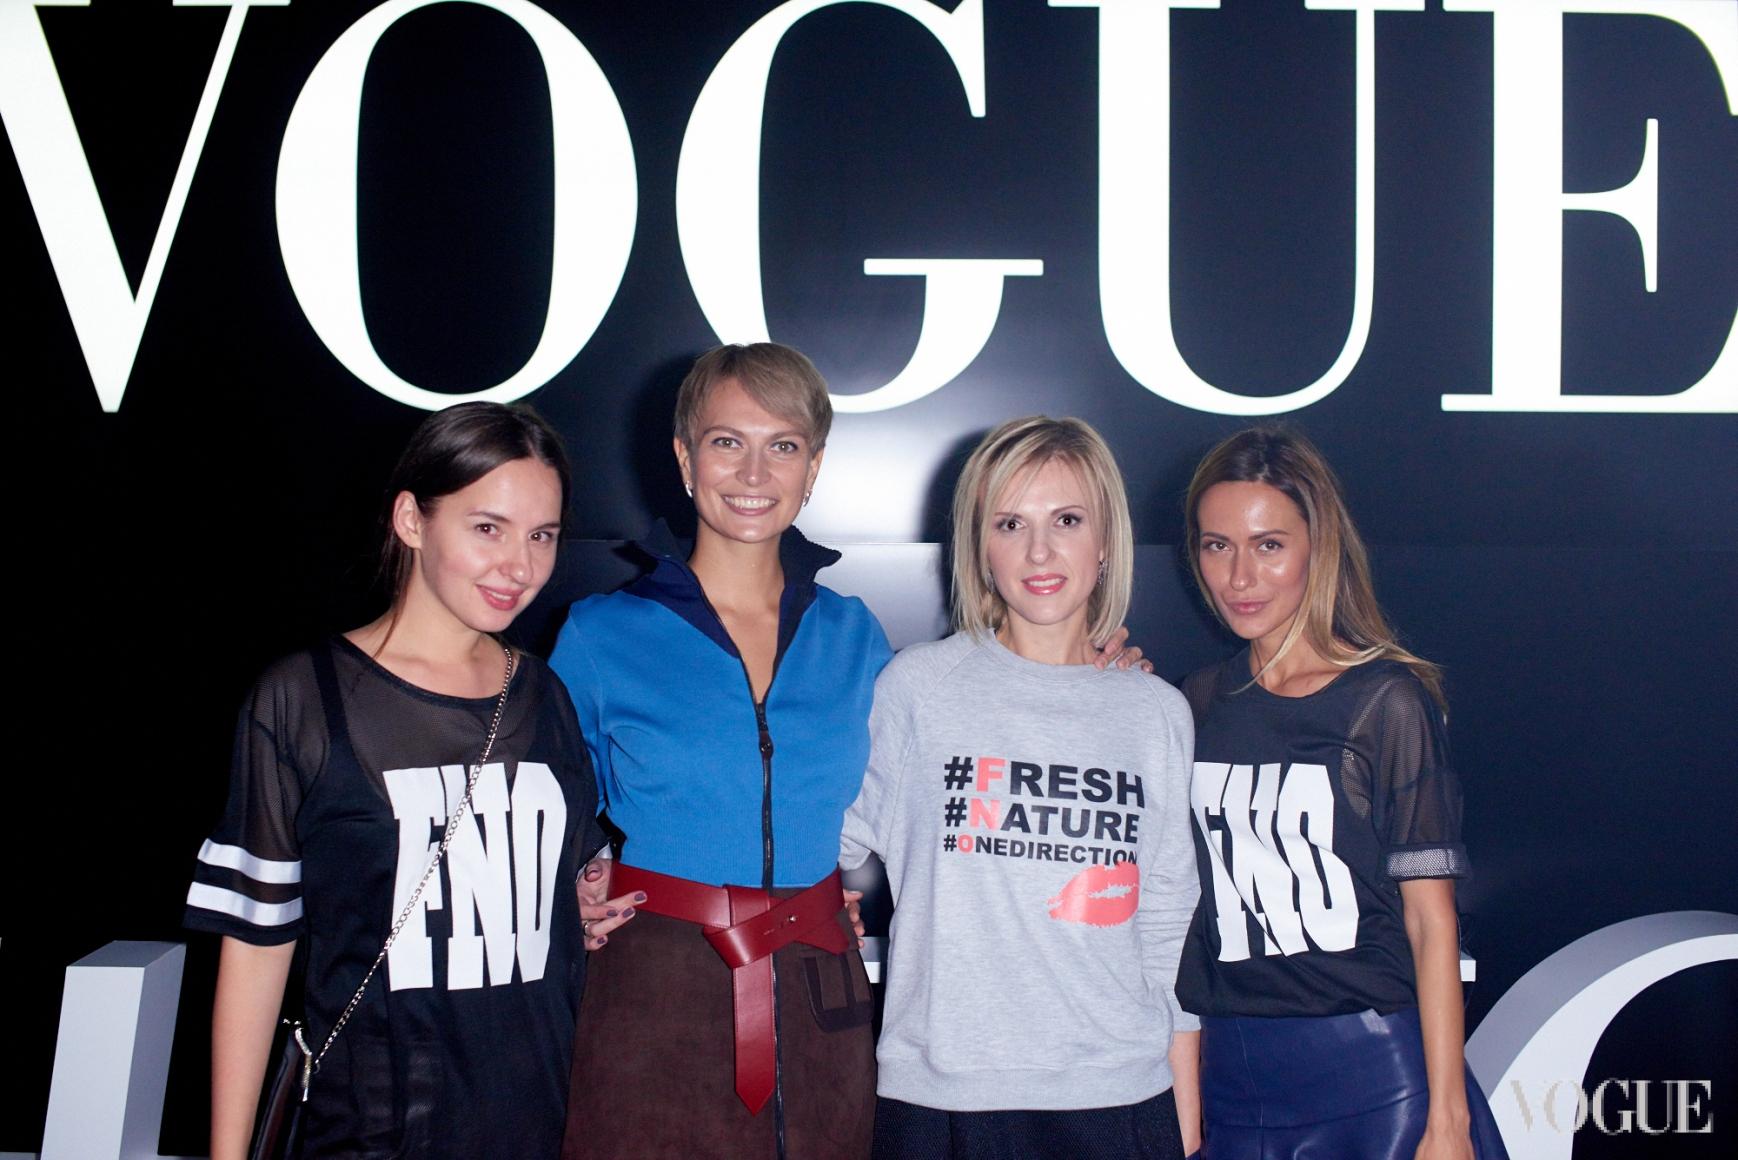 Виолетта Федорова, Маша Цуканова, Юлия Костецкая, Алиса Алиева